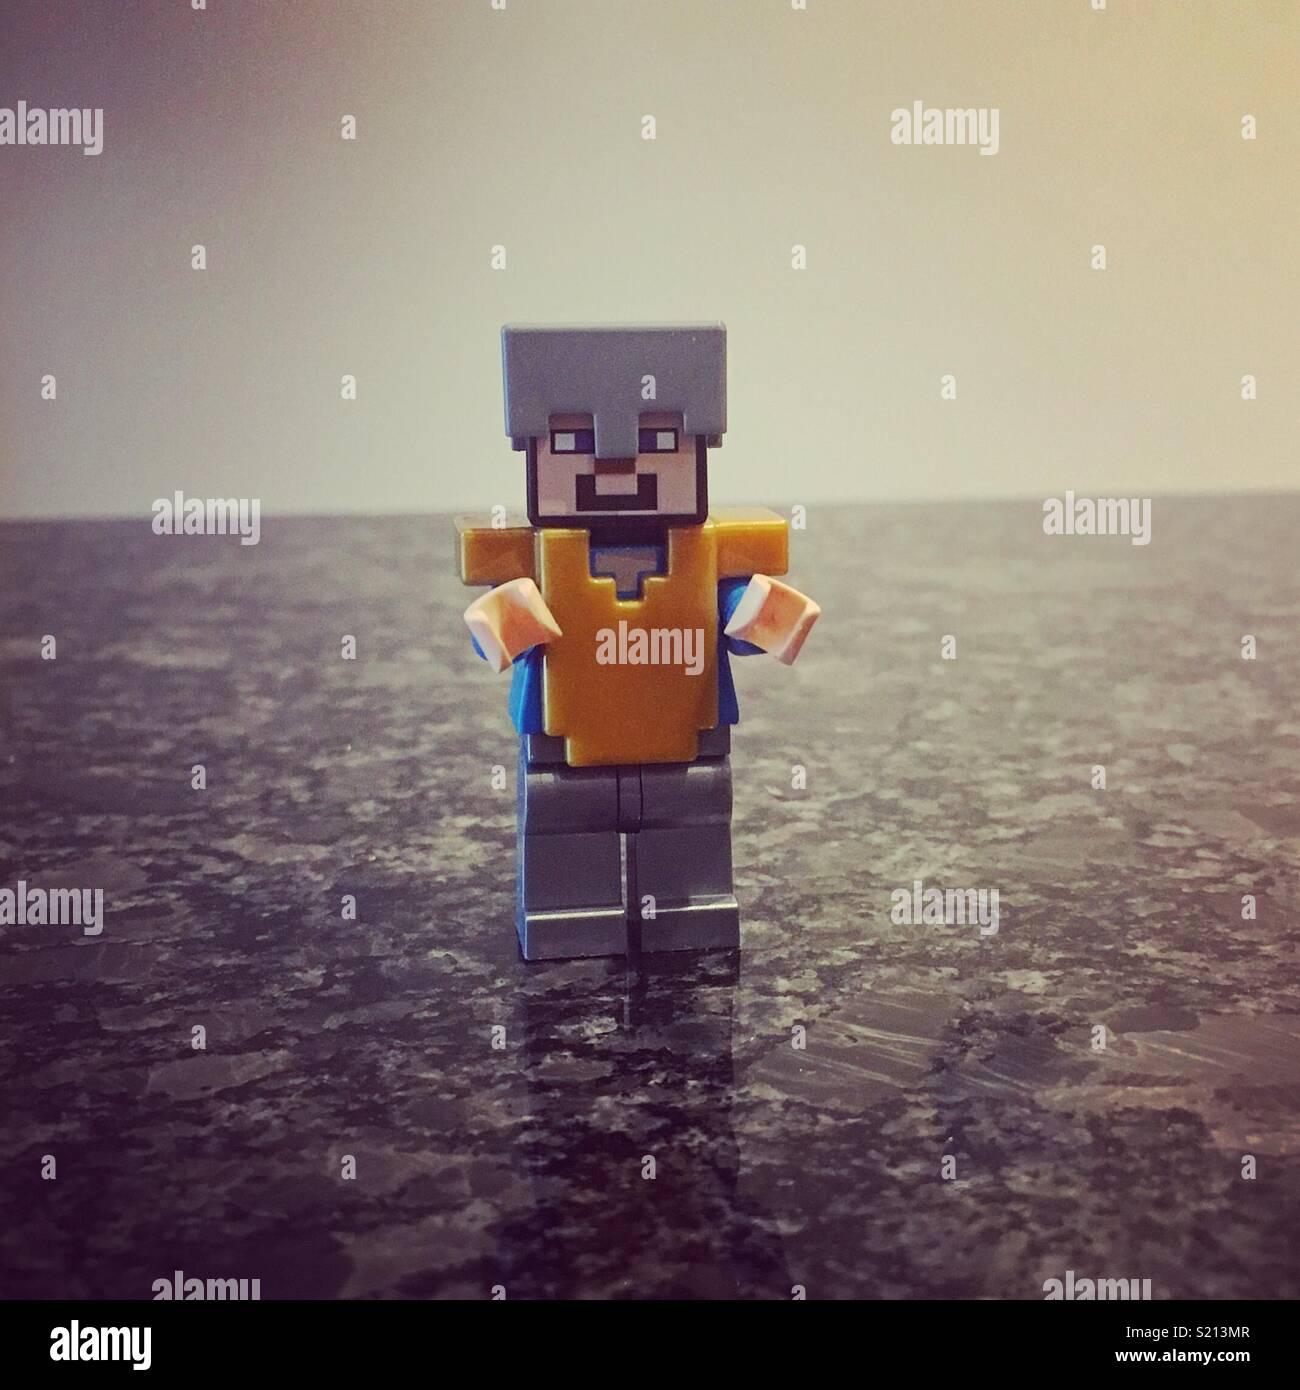 Lego man - Stock Image